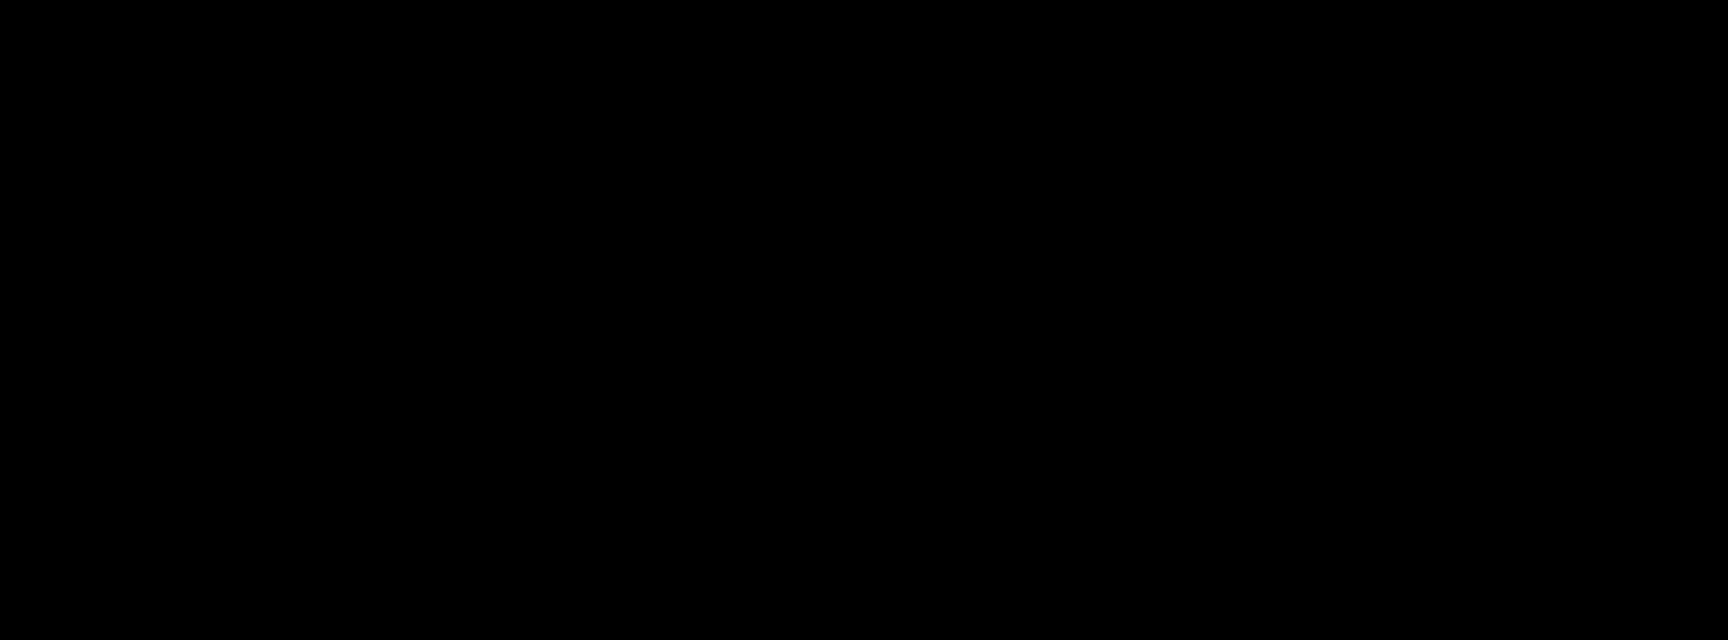 ハーモニックマイナースケールのダイアトニックコード